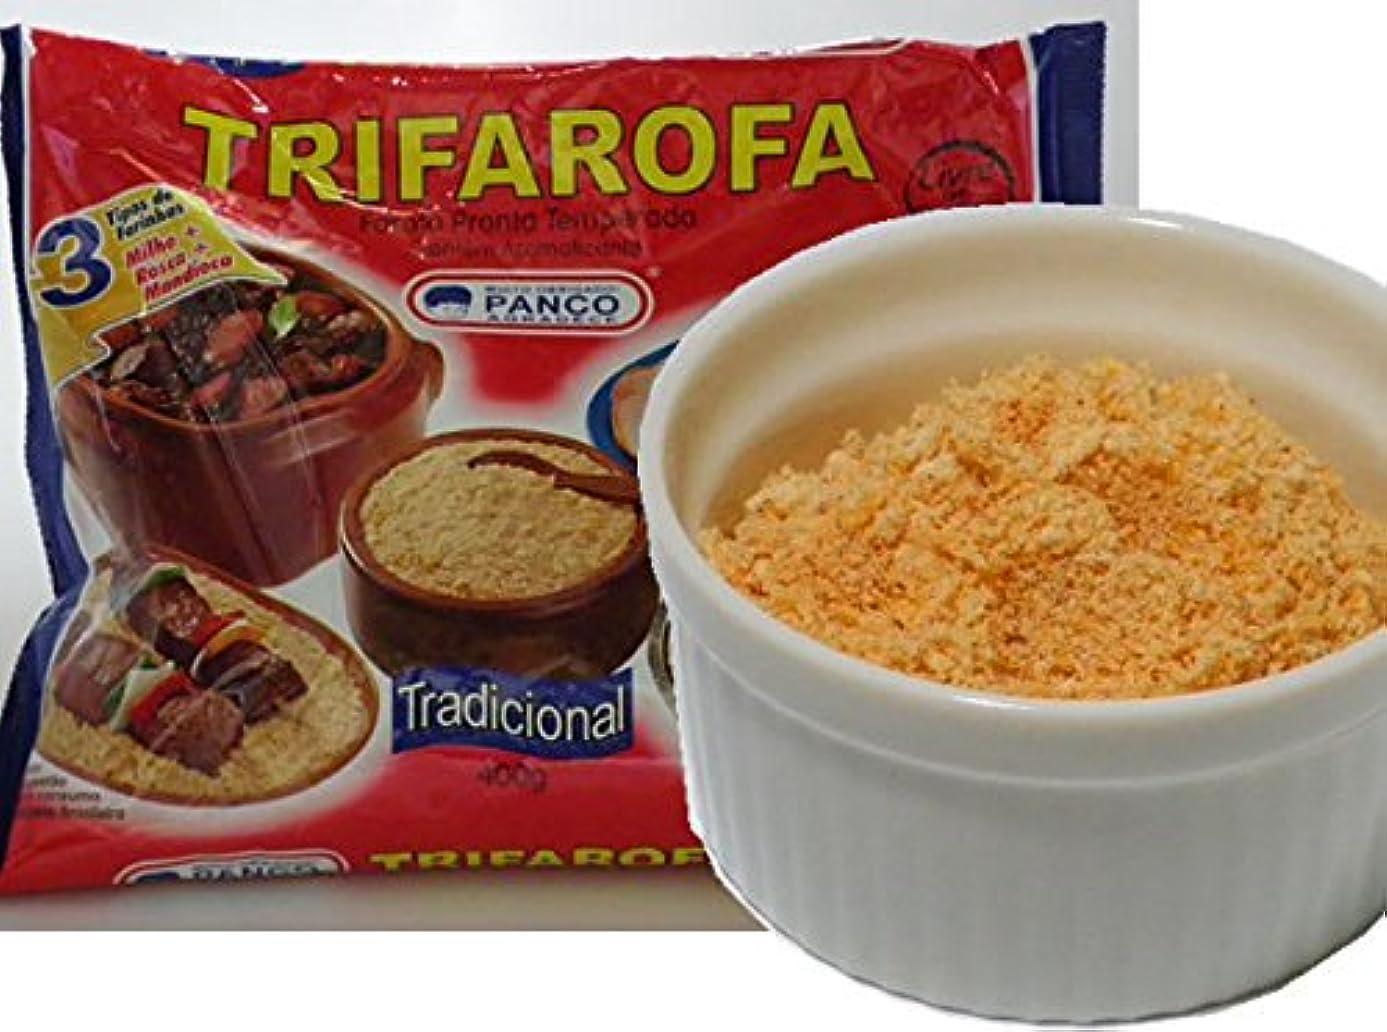 目を覚ますテザー近代化するファロッファ/400g/キャッサバ粉加工品/TRIFAROFA